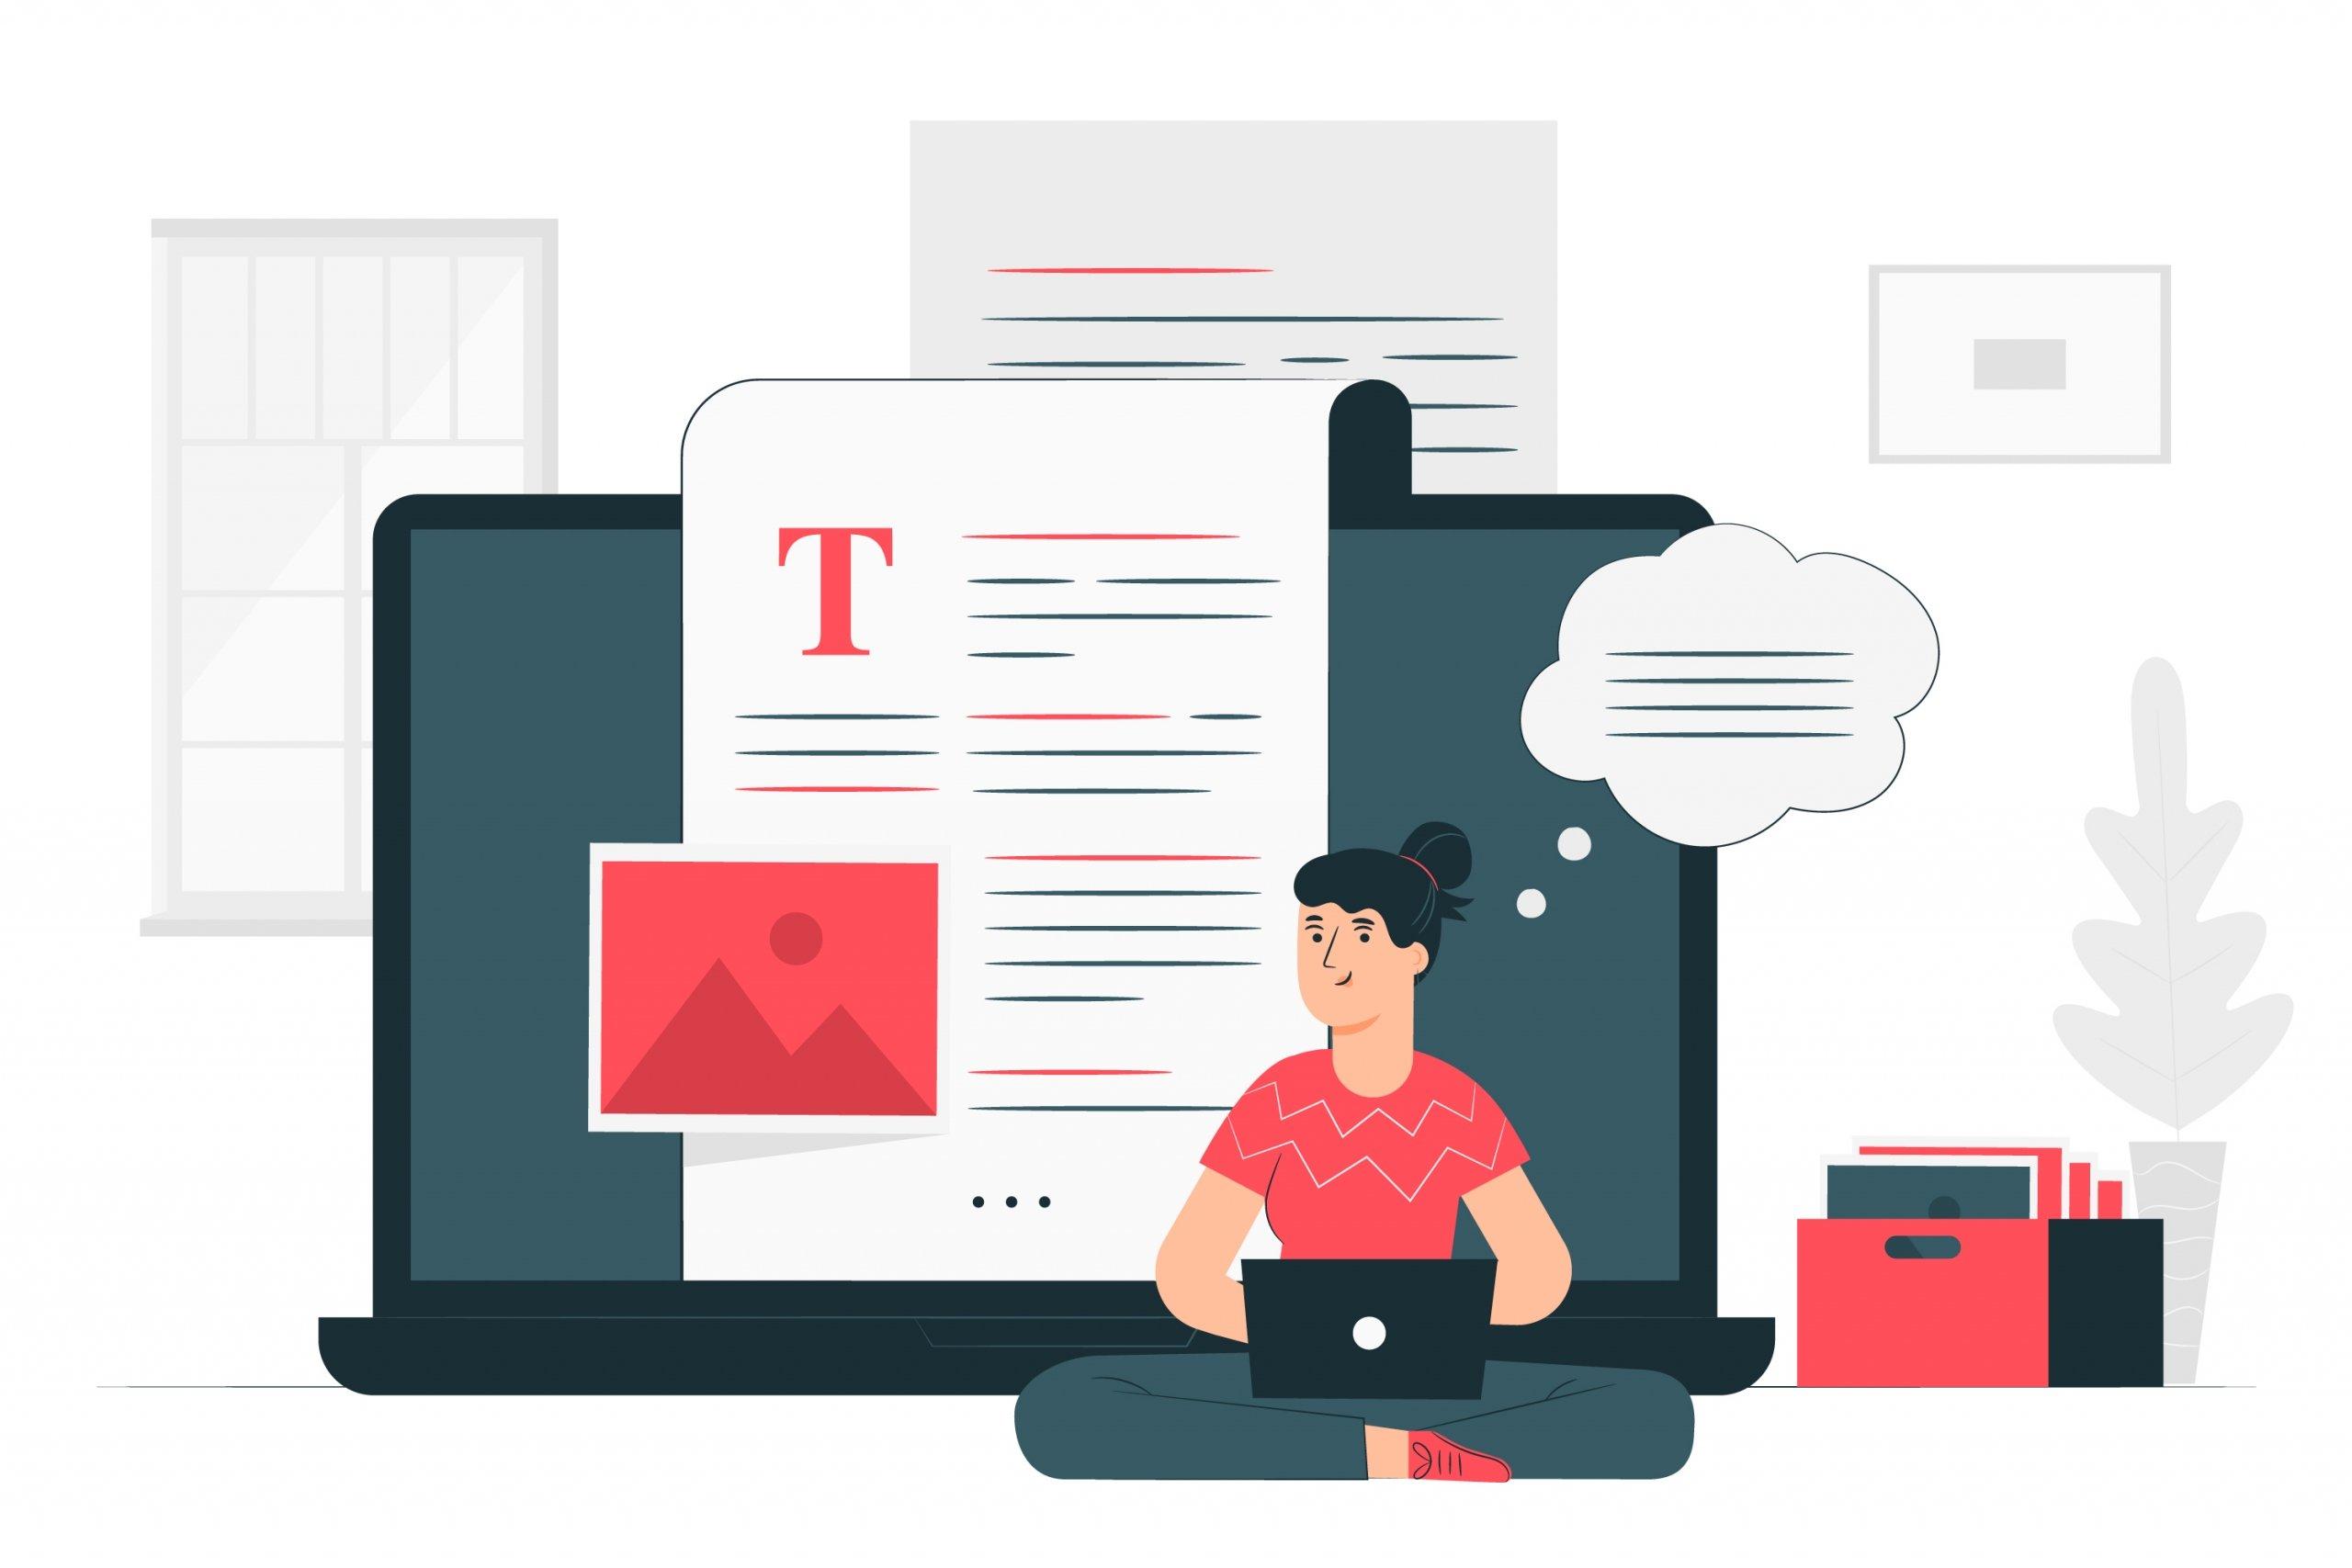 ilustracion mujer escribiendo blog